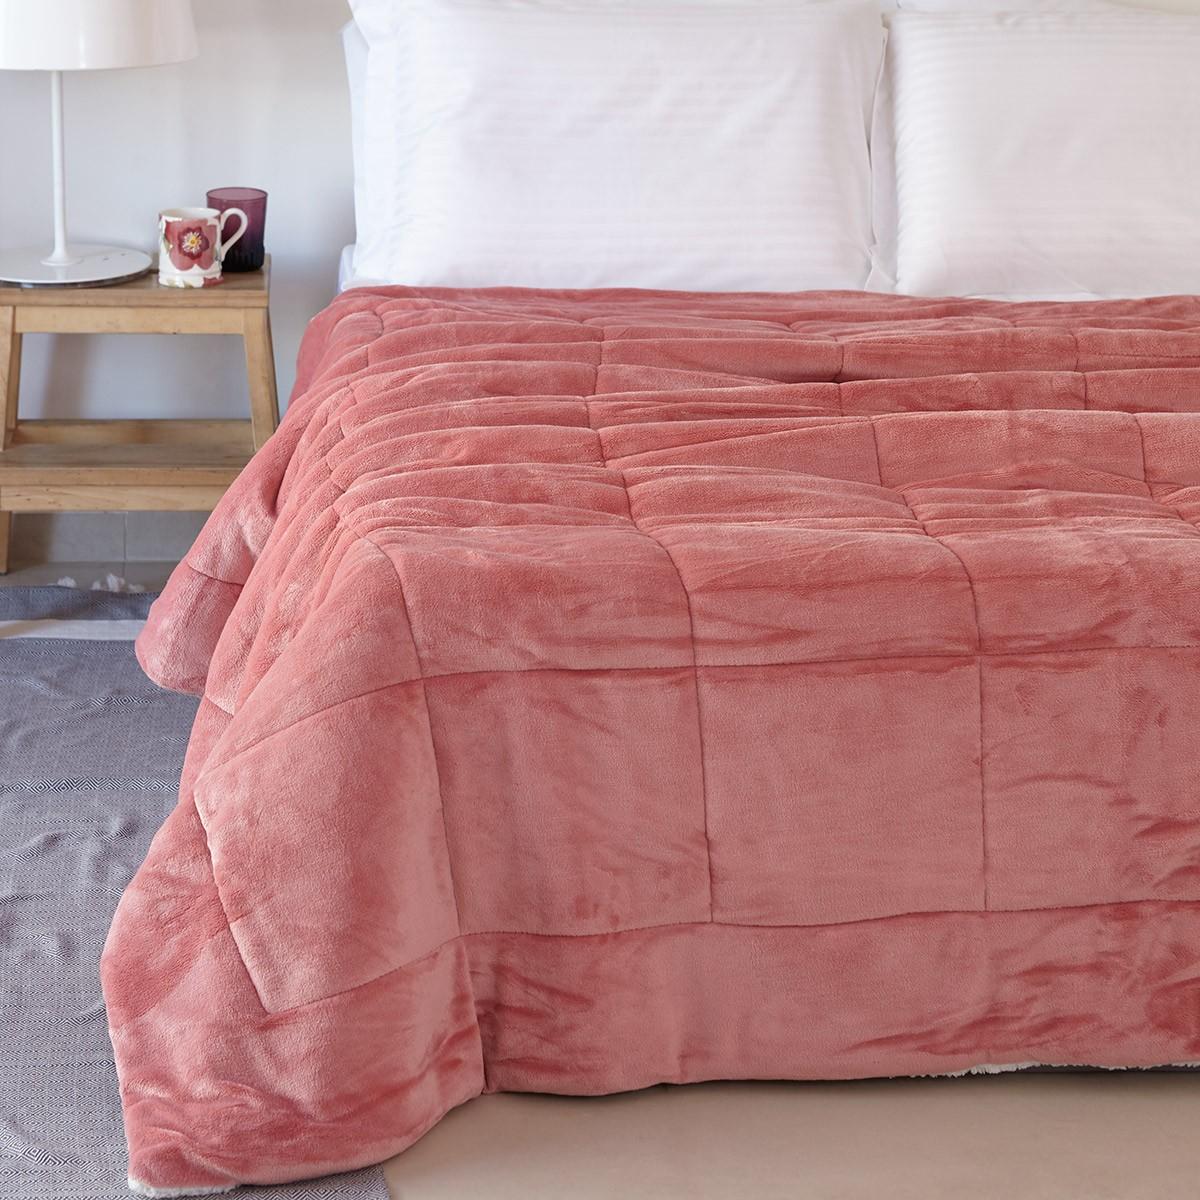 Κουβερτοπάπλωμα Υπέρδιπλο Melinen Molly Rose home   κρεβατοκάμαρα   παπλώματα   κουβερτοπαπλώματα